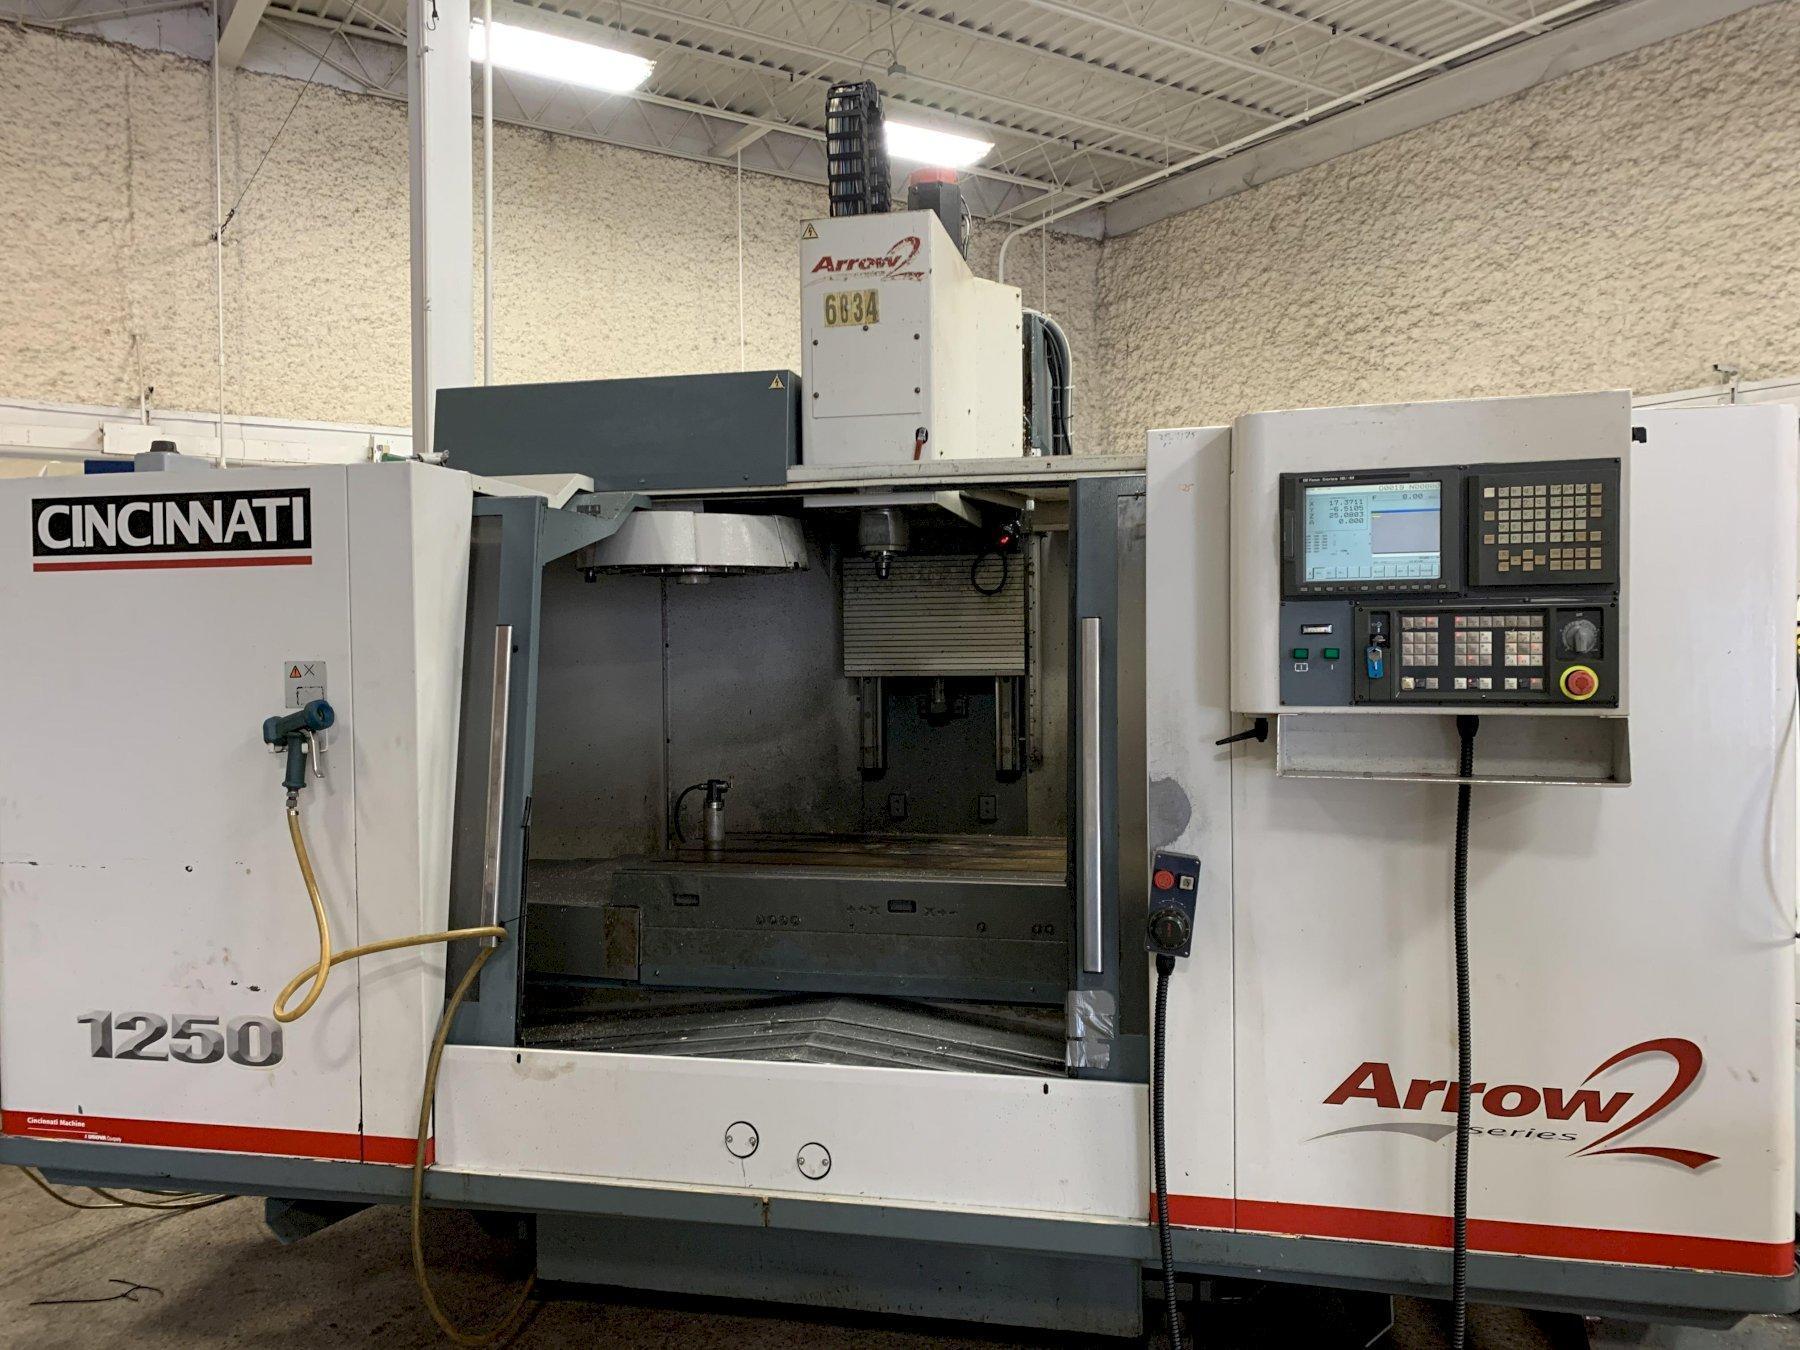 Cincinnati-Milacron Arrow 1250 CNC Vertical Machining Center